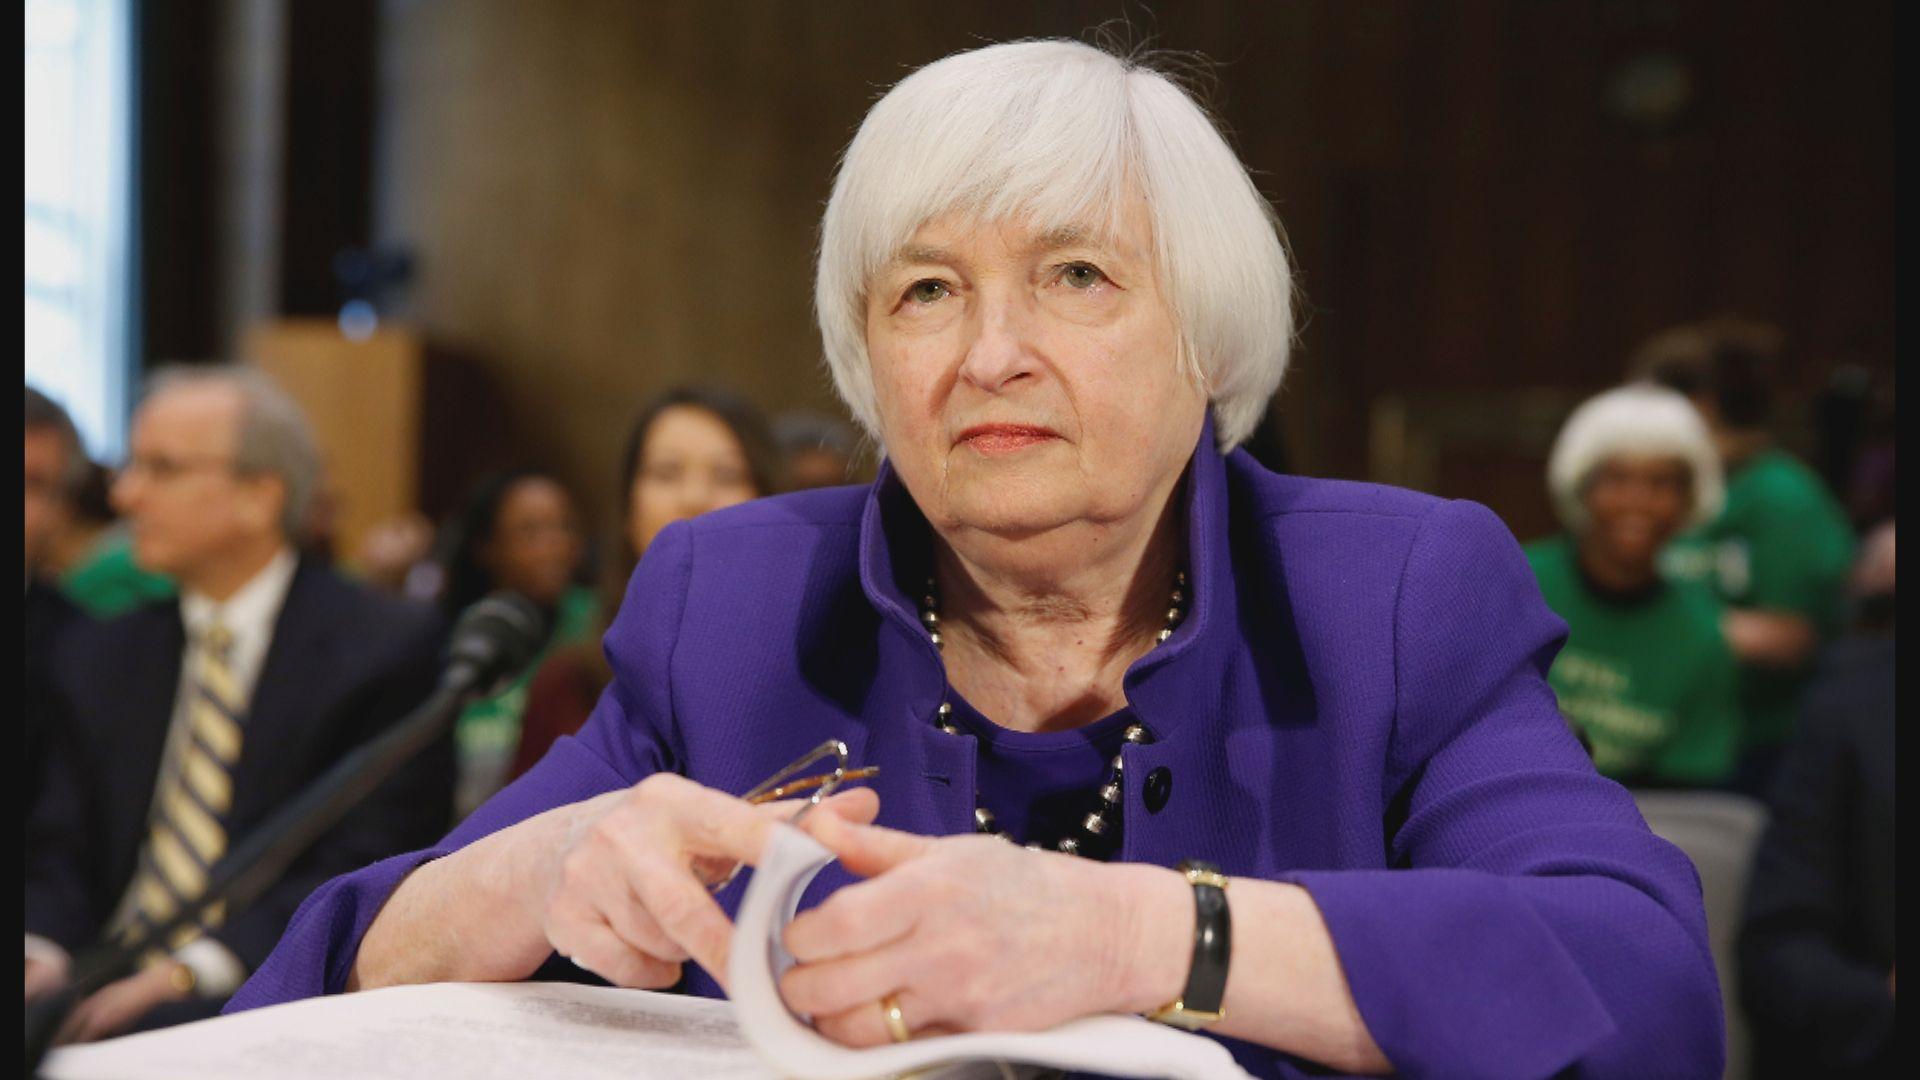 耶倫抨擊特朗普不了解宏觀經濟政策